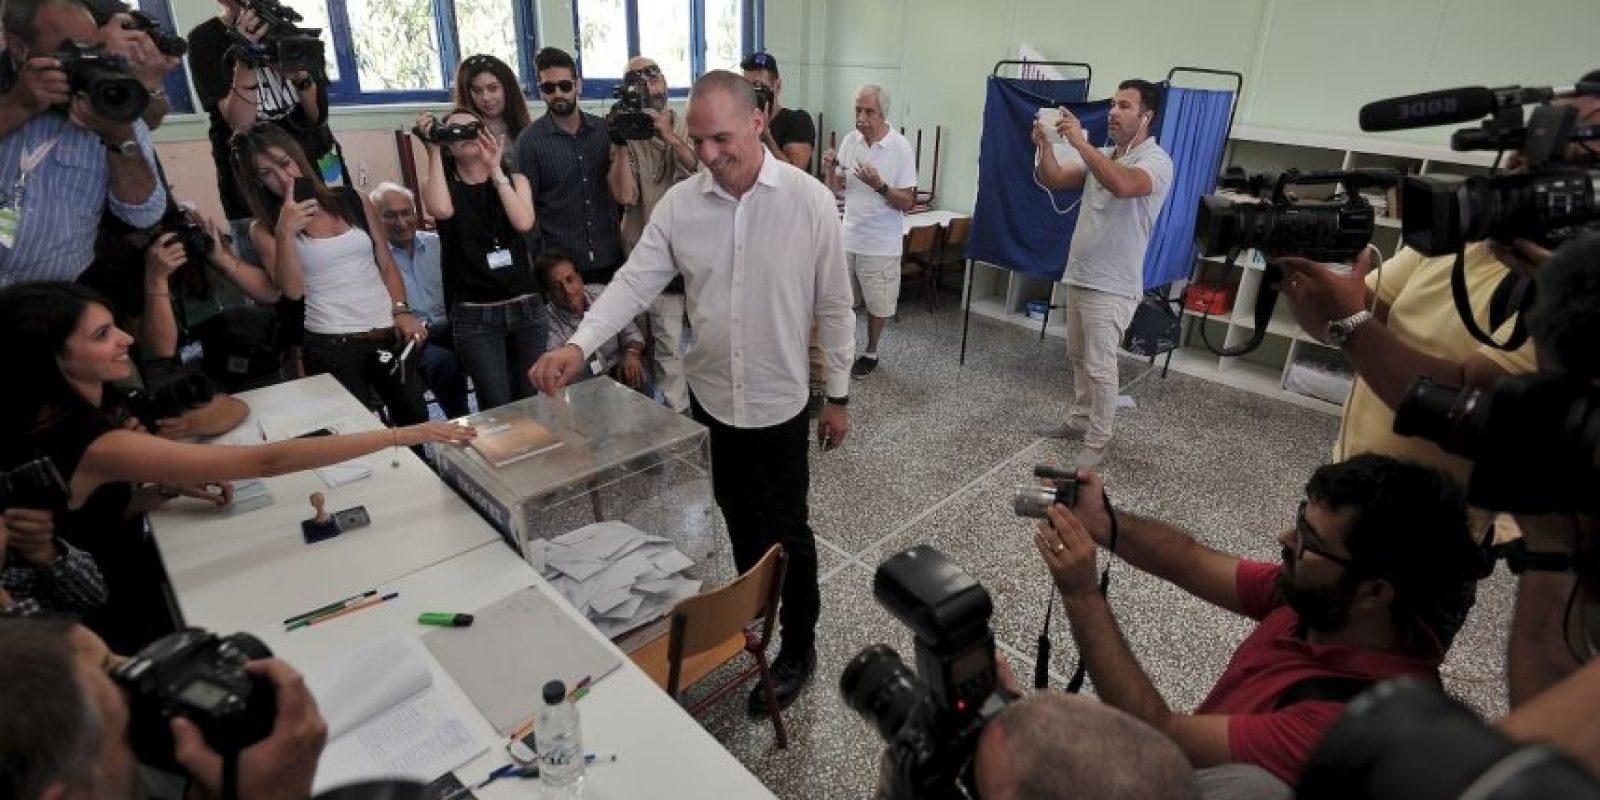 El presidente griego, Prokopis Pavlopoulos, pidió a los griegos seguir unidos sin importar el resultado. Foto:AP